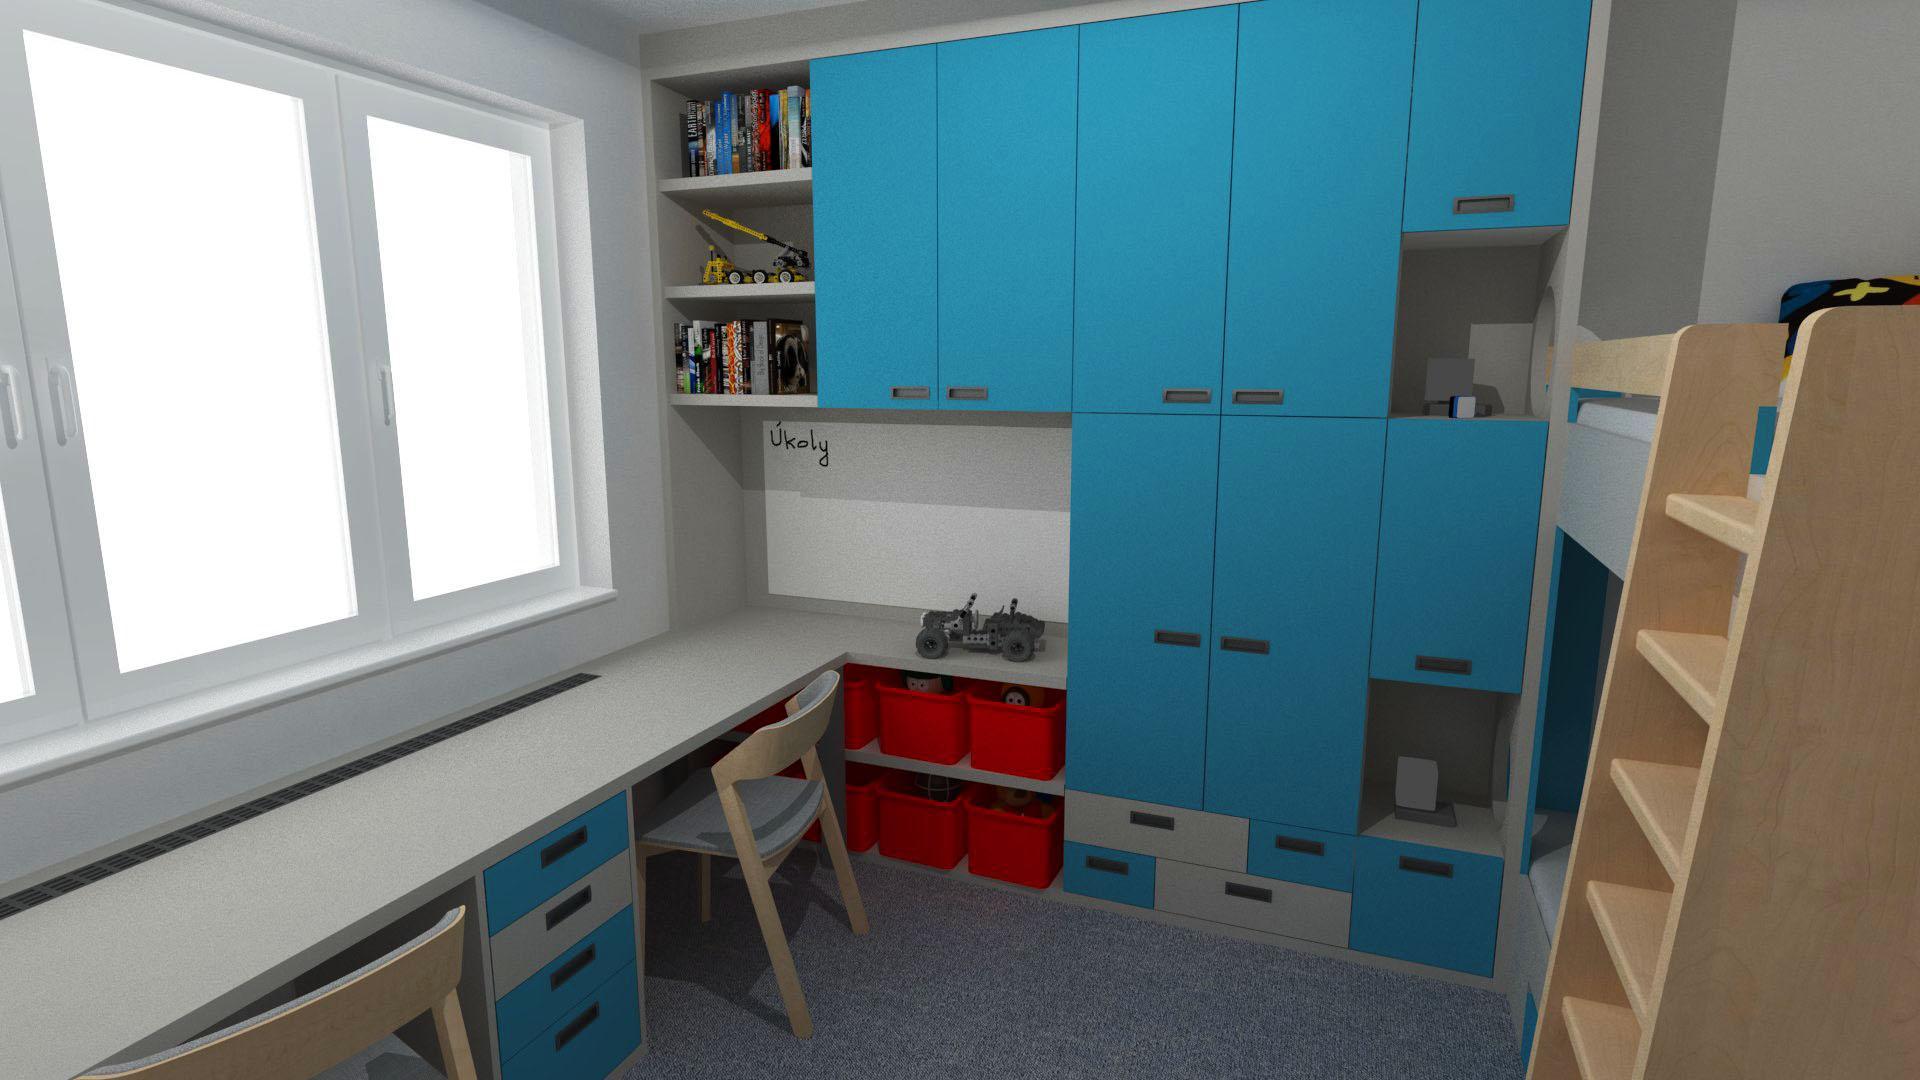 Dětské pokoje - Dětský pokojík s patrovou postelí a velkým pracovním stolem pro dvě děti. Barevná kombinace sv. šedá, dřevo a tyrkysově modrá.